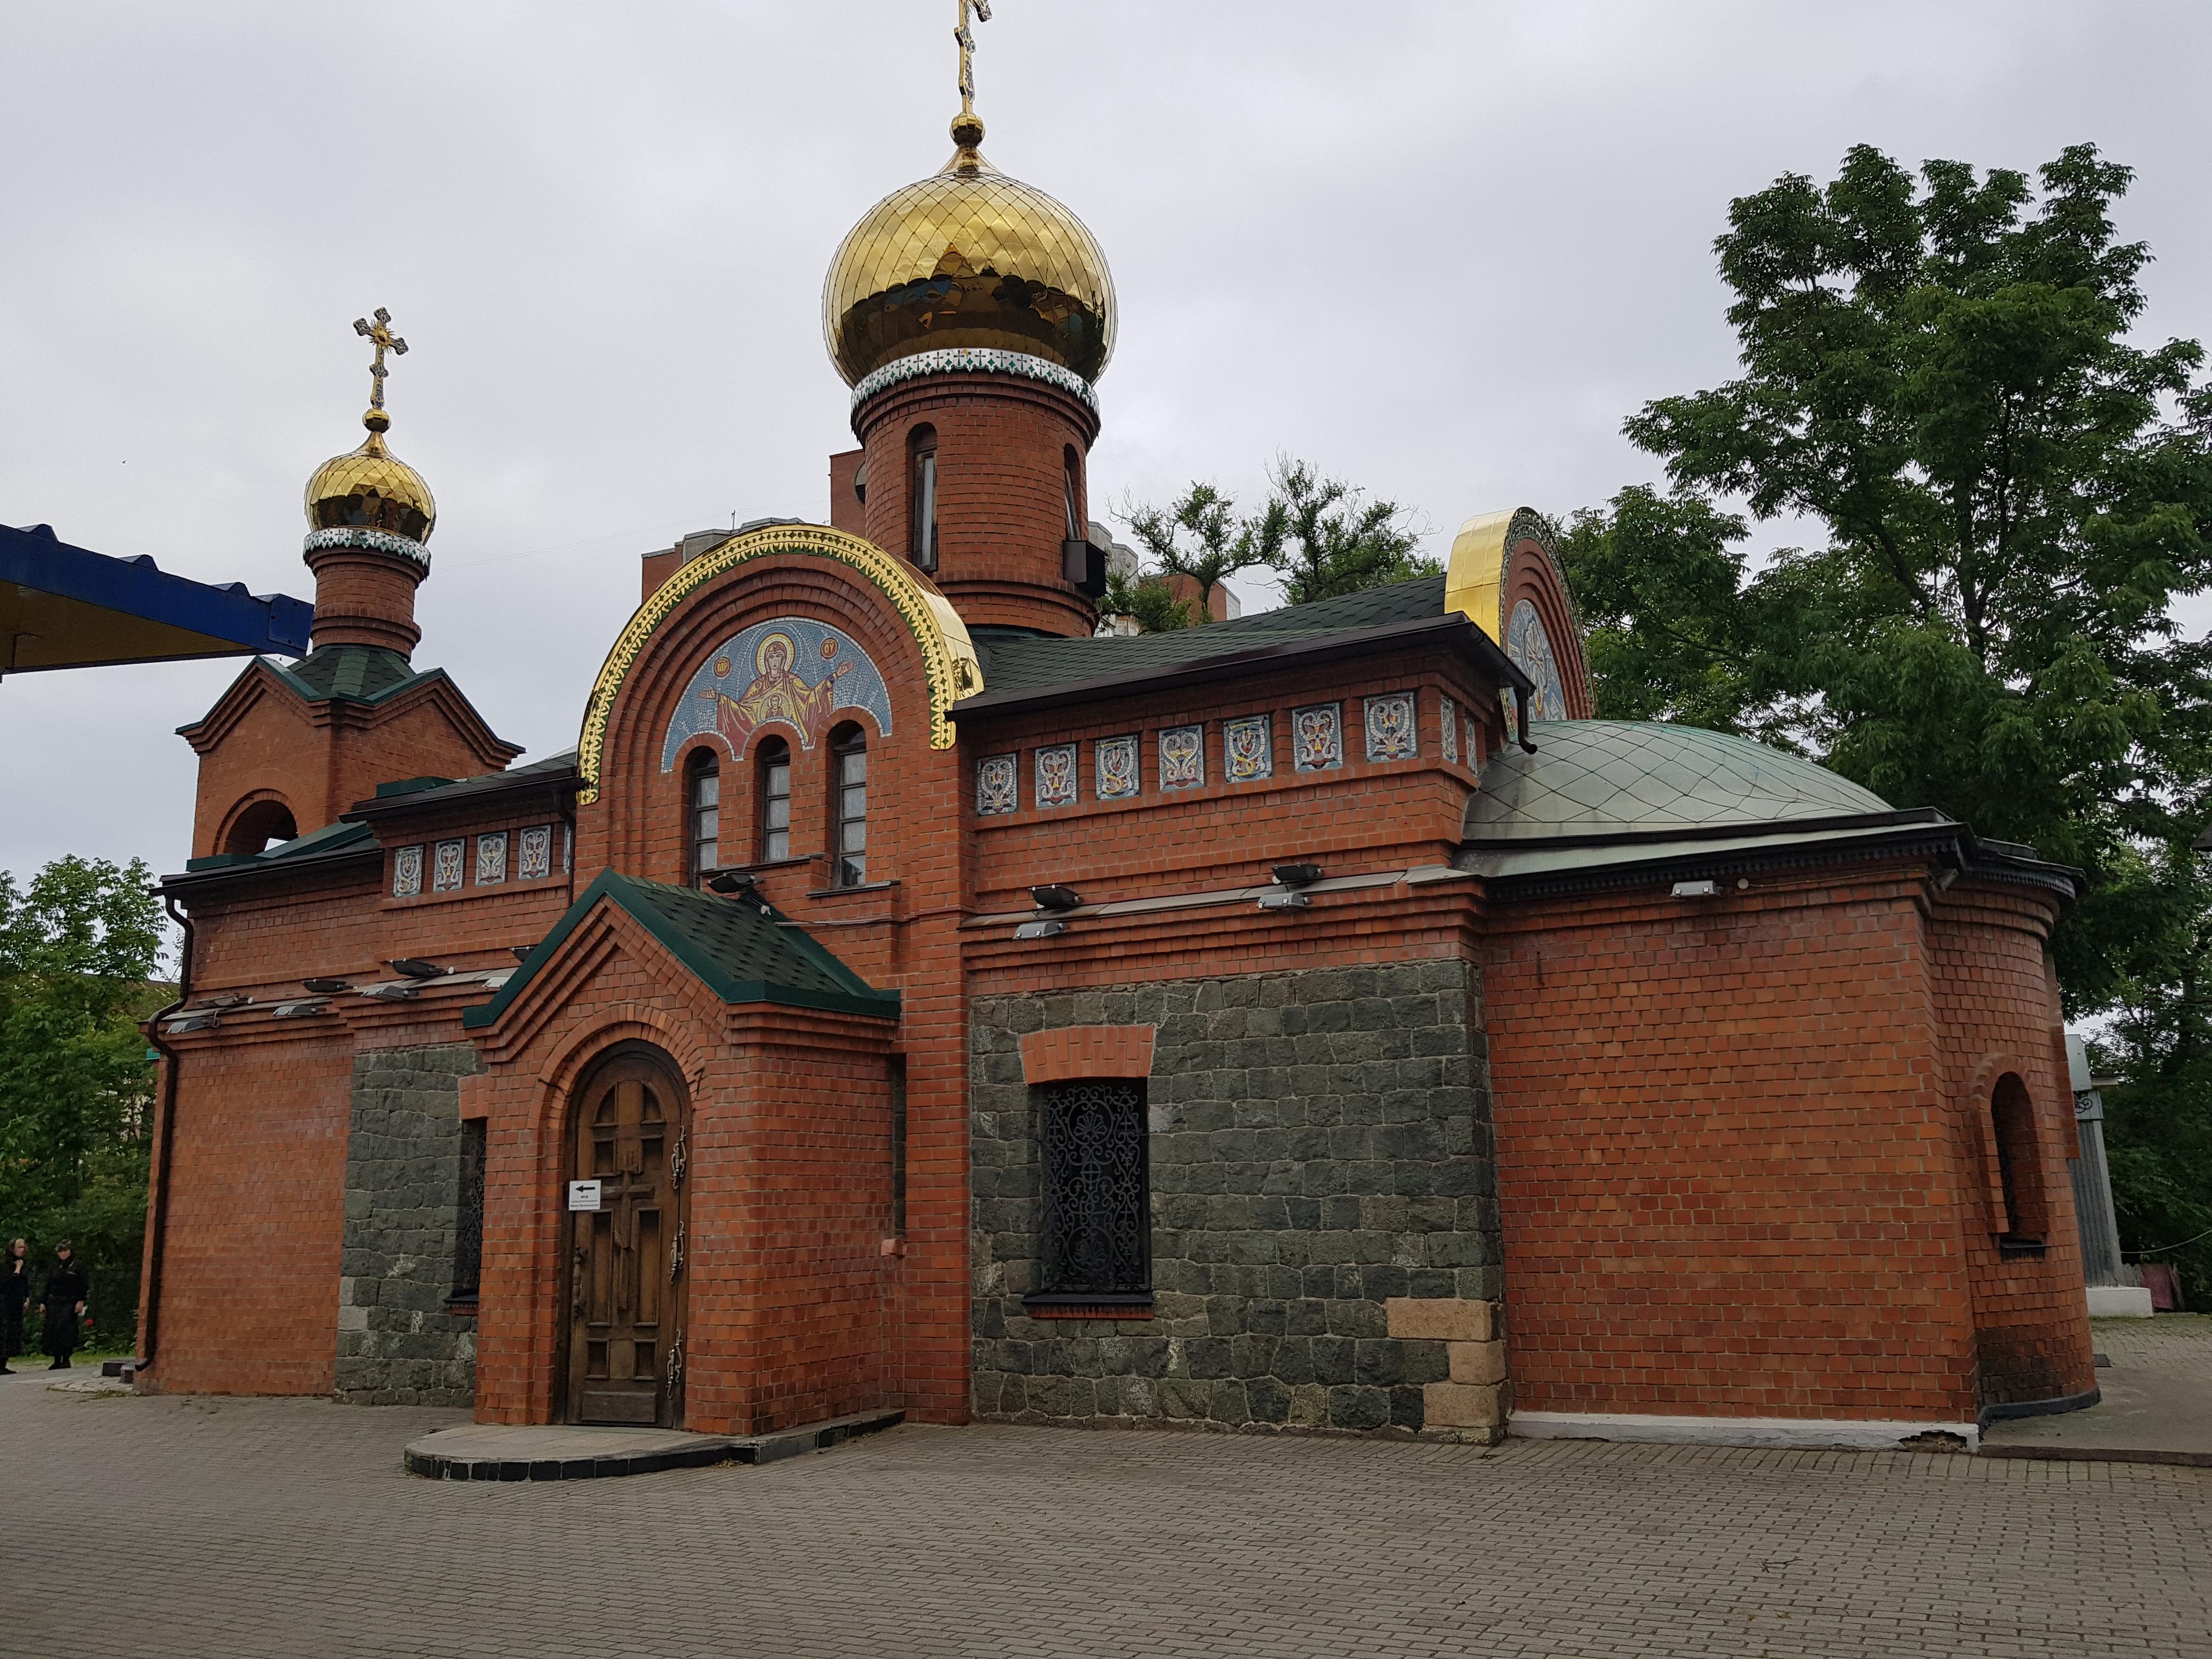 셋째날_러시아 블라디보스톡 시내 탐방 - 마지막날...